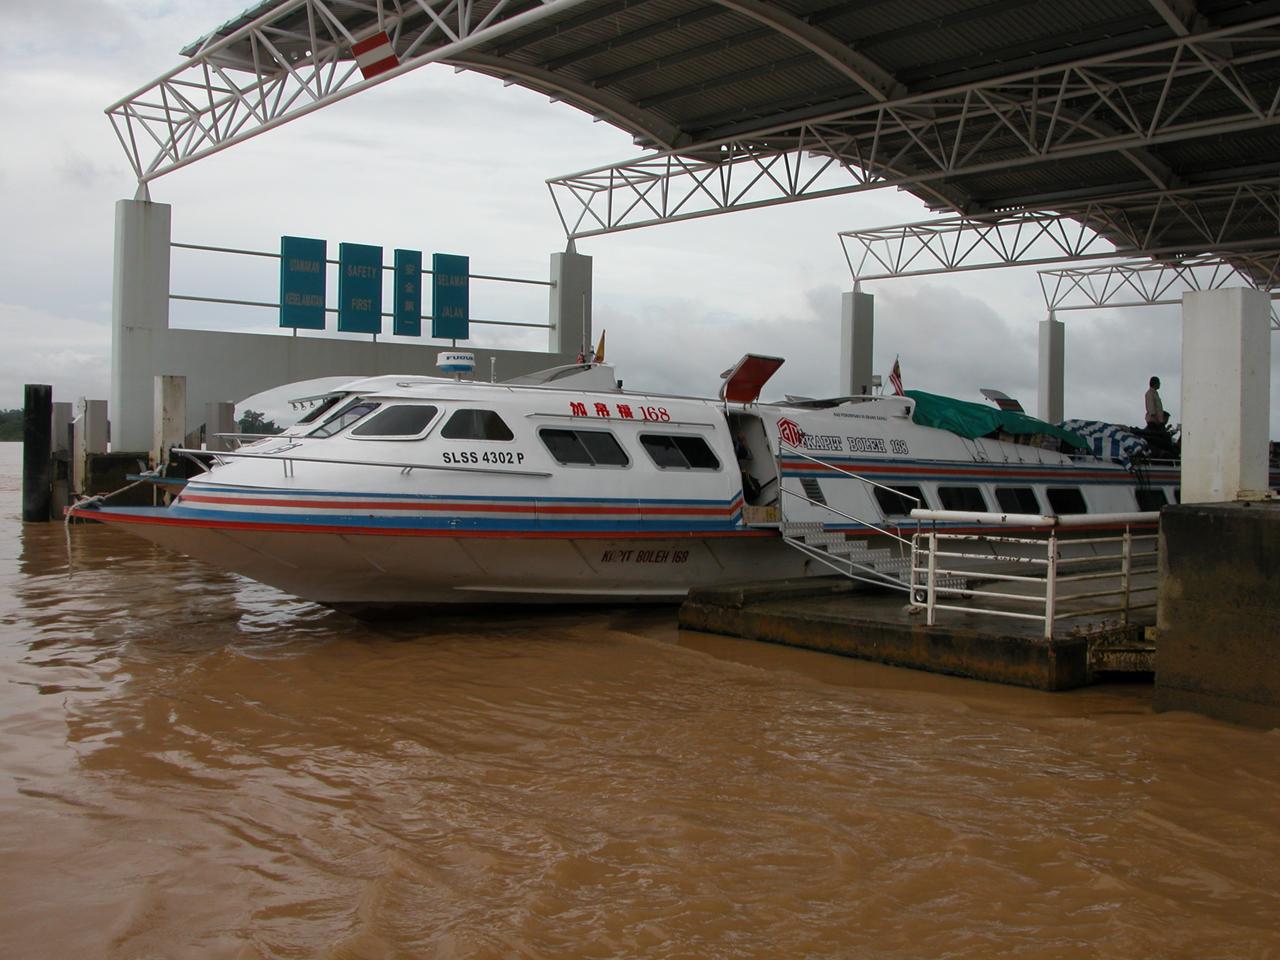 Maleisië, in de haven van Sibu - Sarawak